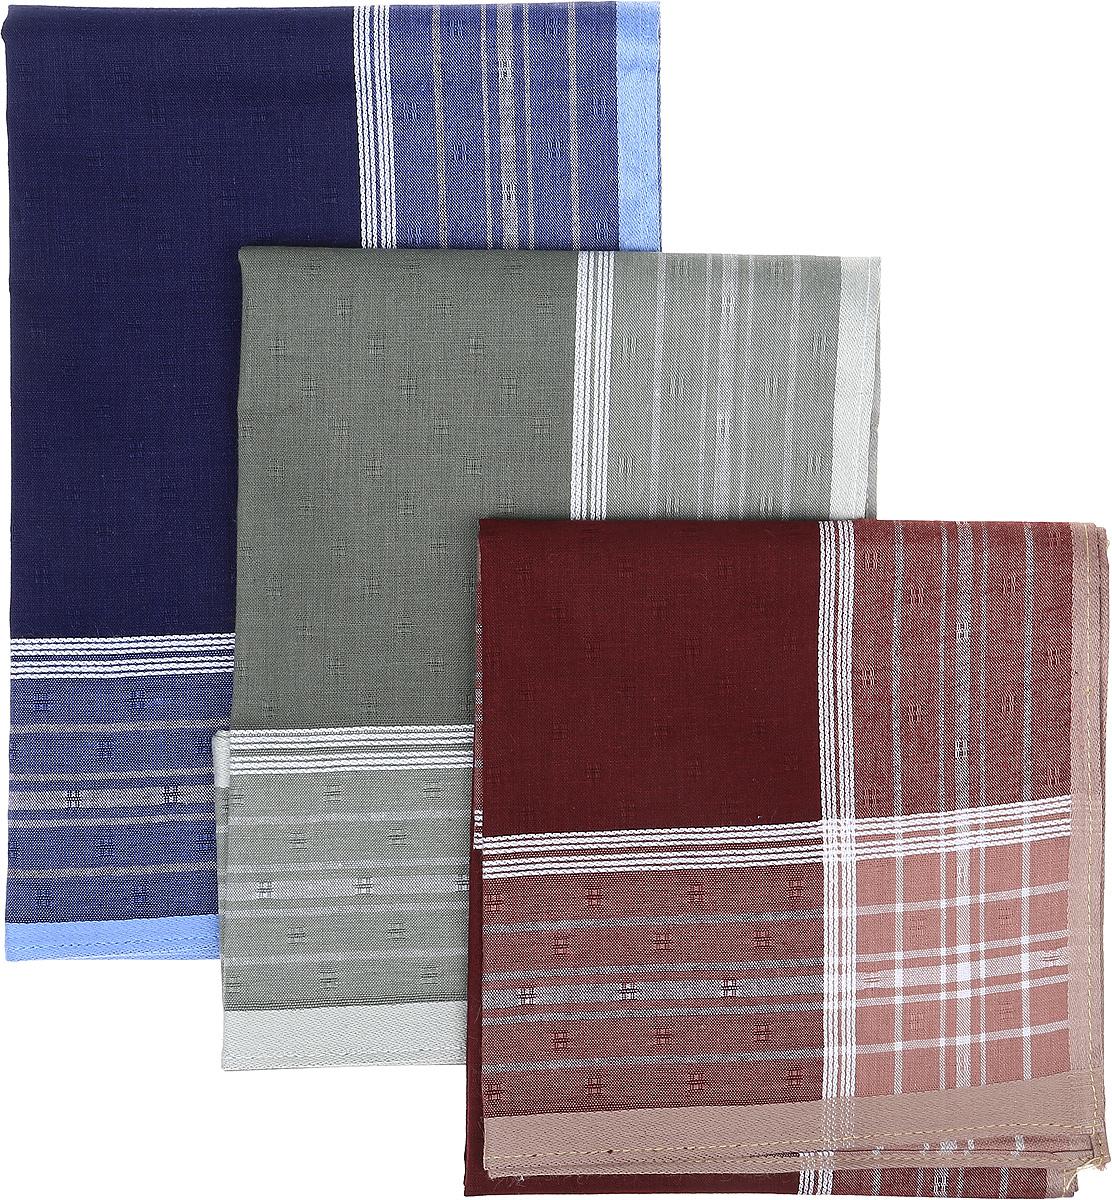 Платок носовой мужской Zlata Korunka, цвет: синий, серый, бордовый, 3 шт. 45687F-1. Размер 43 см х 43 см45687F-1Мужской носовой платой Zlata Korunka изготовлен из натурального хлопка, приятен в использовании, хорошо стирается, материал не садится и отлично впитывает влагу. Оформлена модель контрастным принтом.